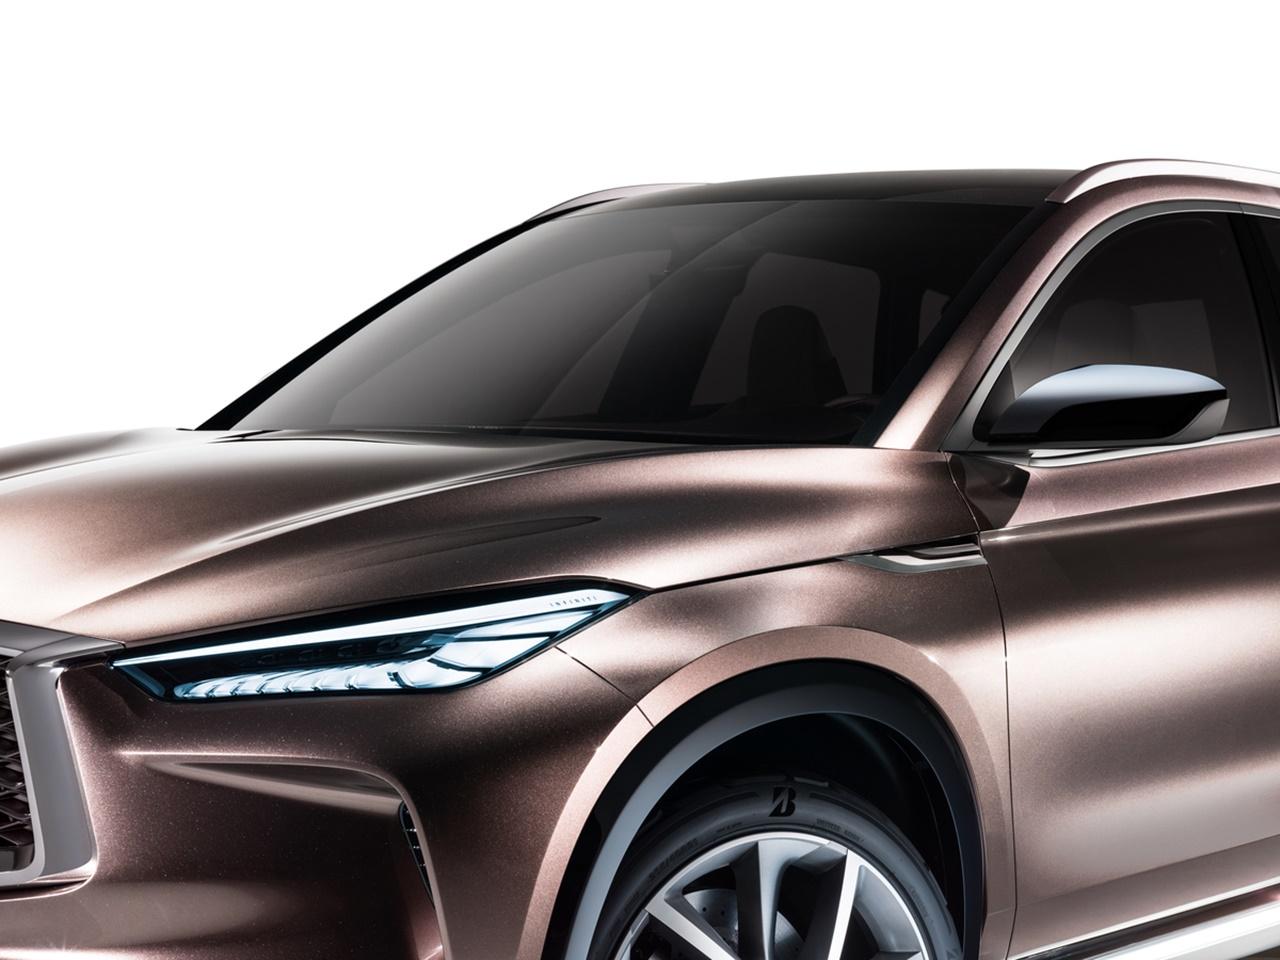 【デトロイトショー2017】日産が「インフィニティQX50コンセプト」を世界初披露 - infinitis-qx50-concept007